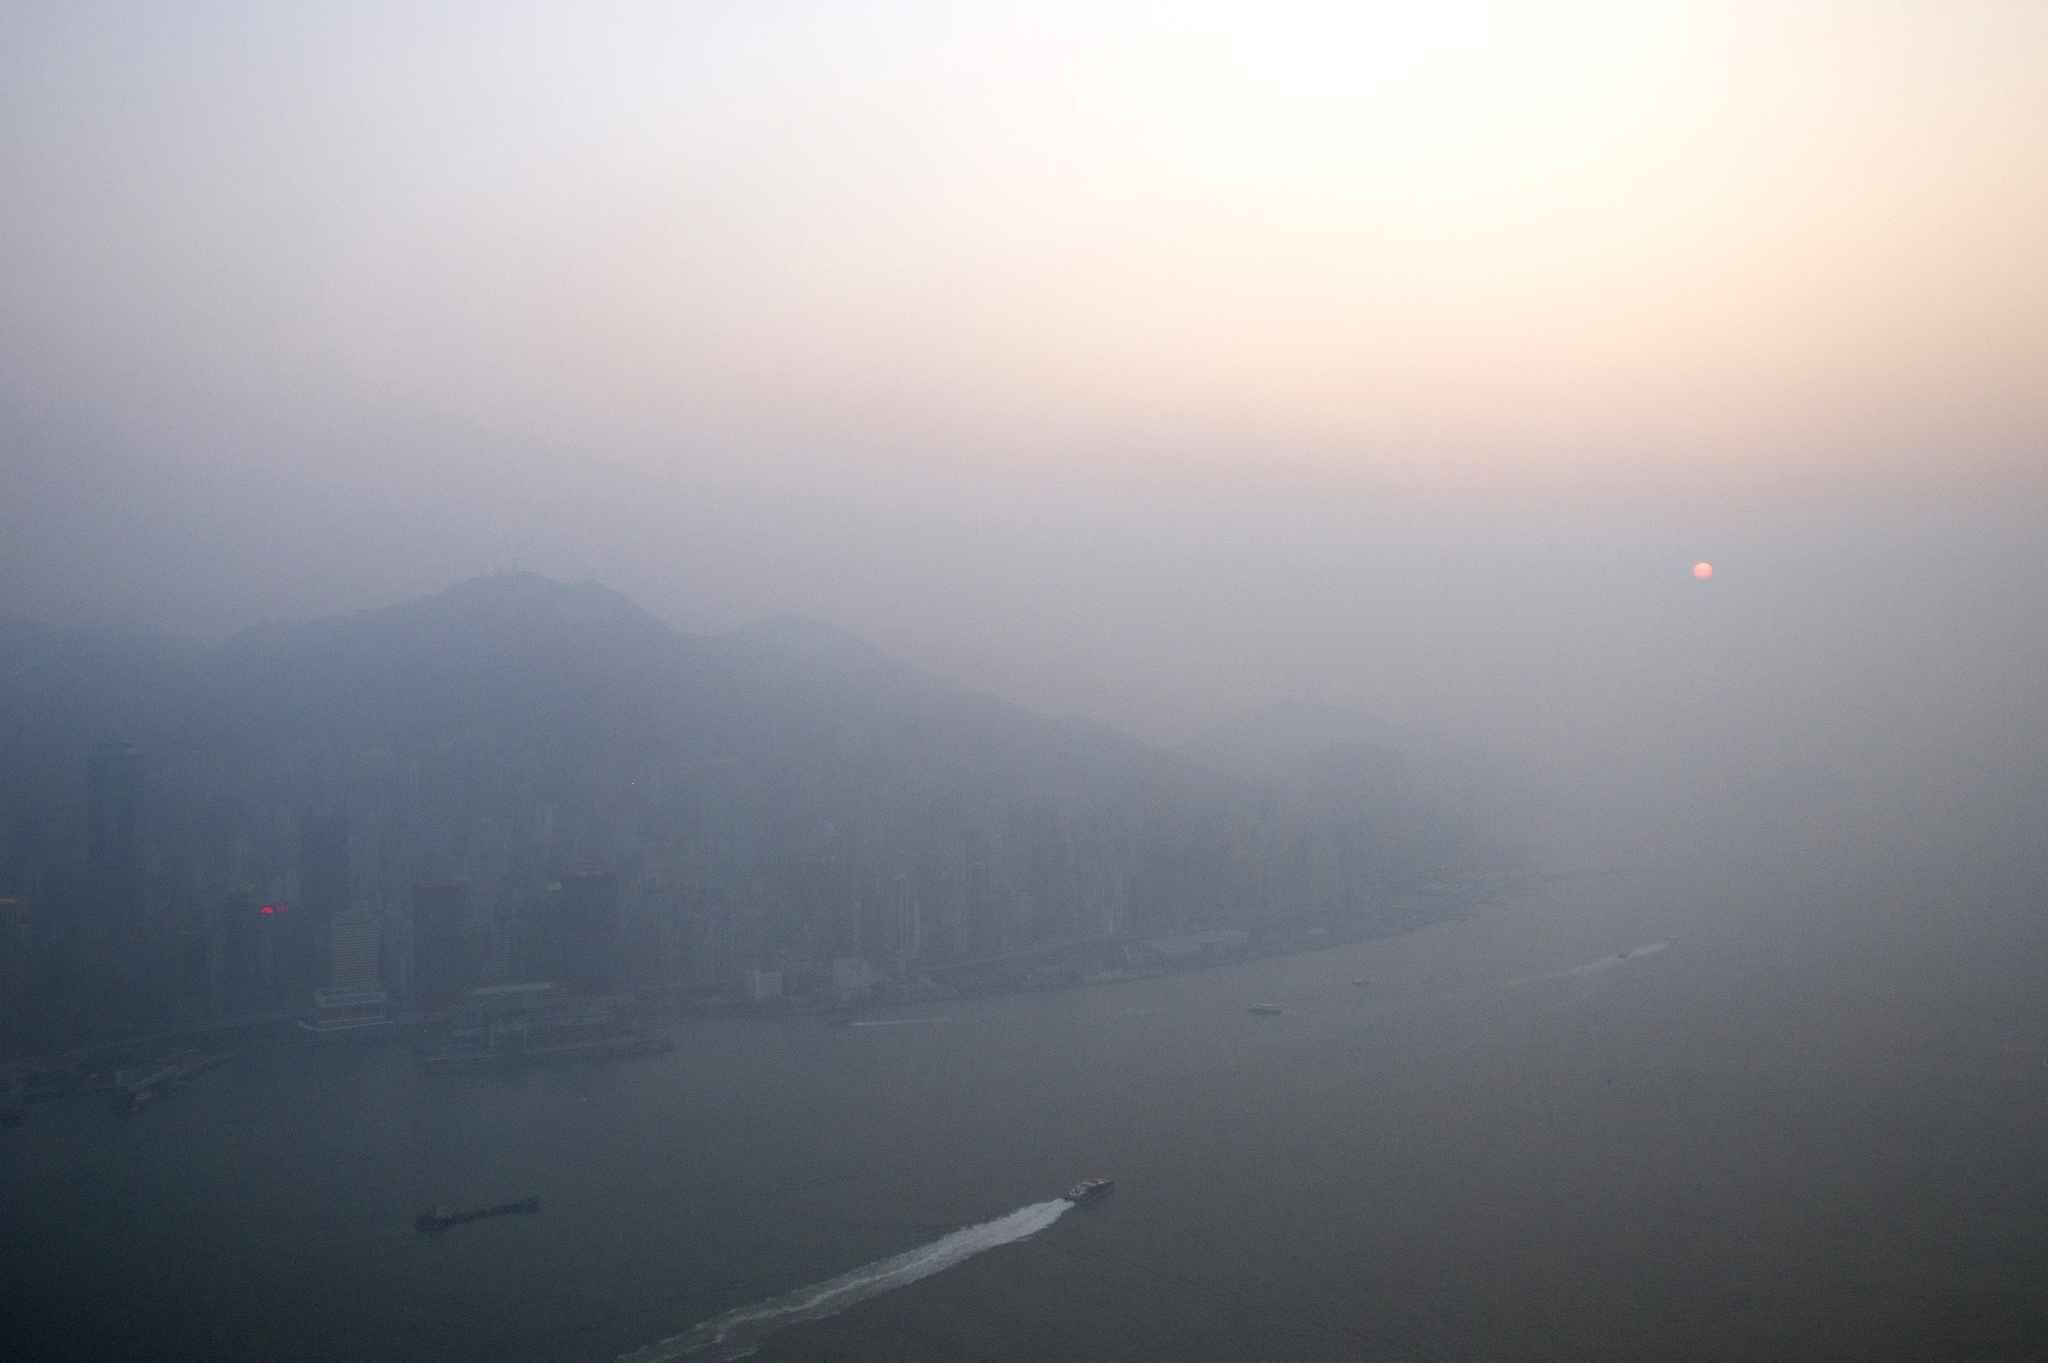 Le 5 janvier, le soleil se couche sous l'épaisse brouillard de pollution qui couvre la ville de Hong Kong.